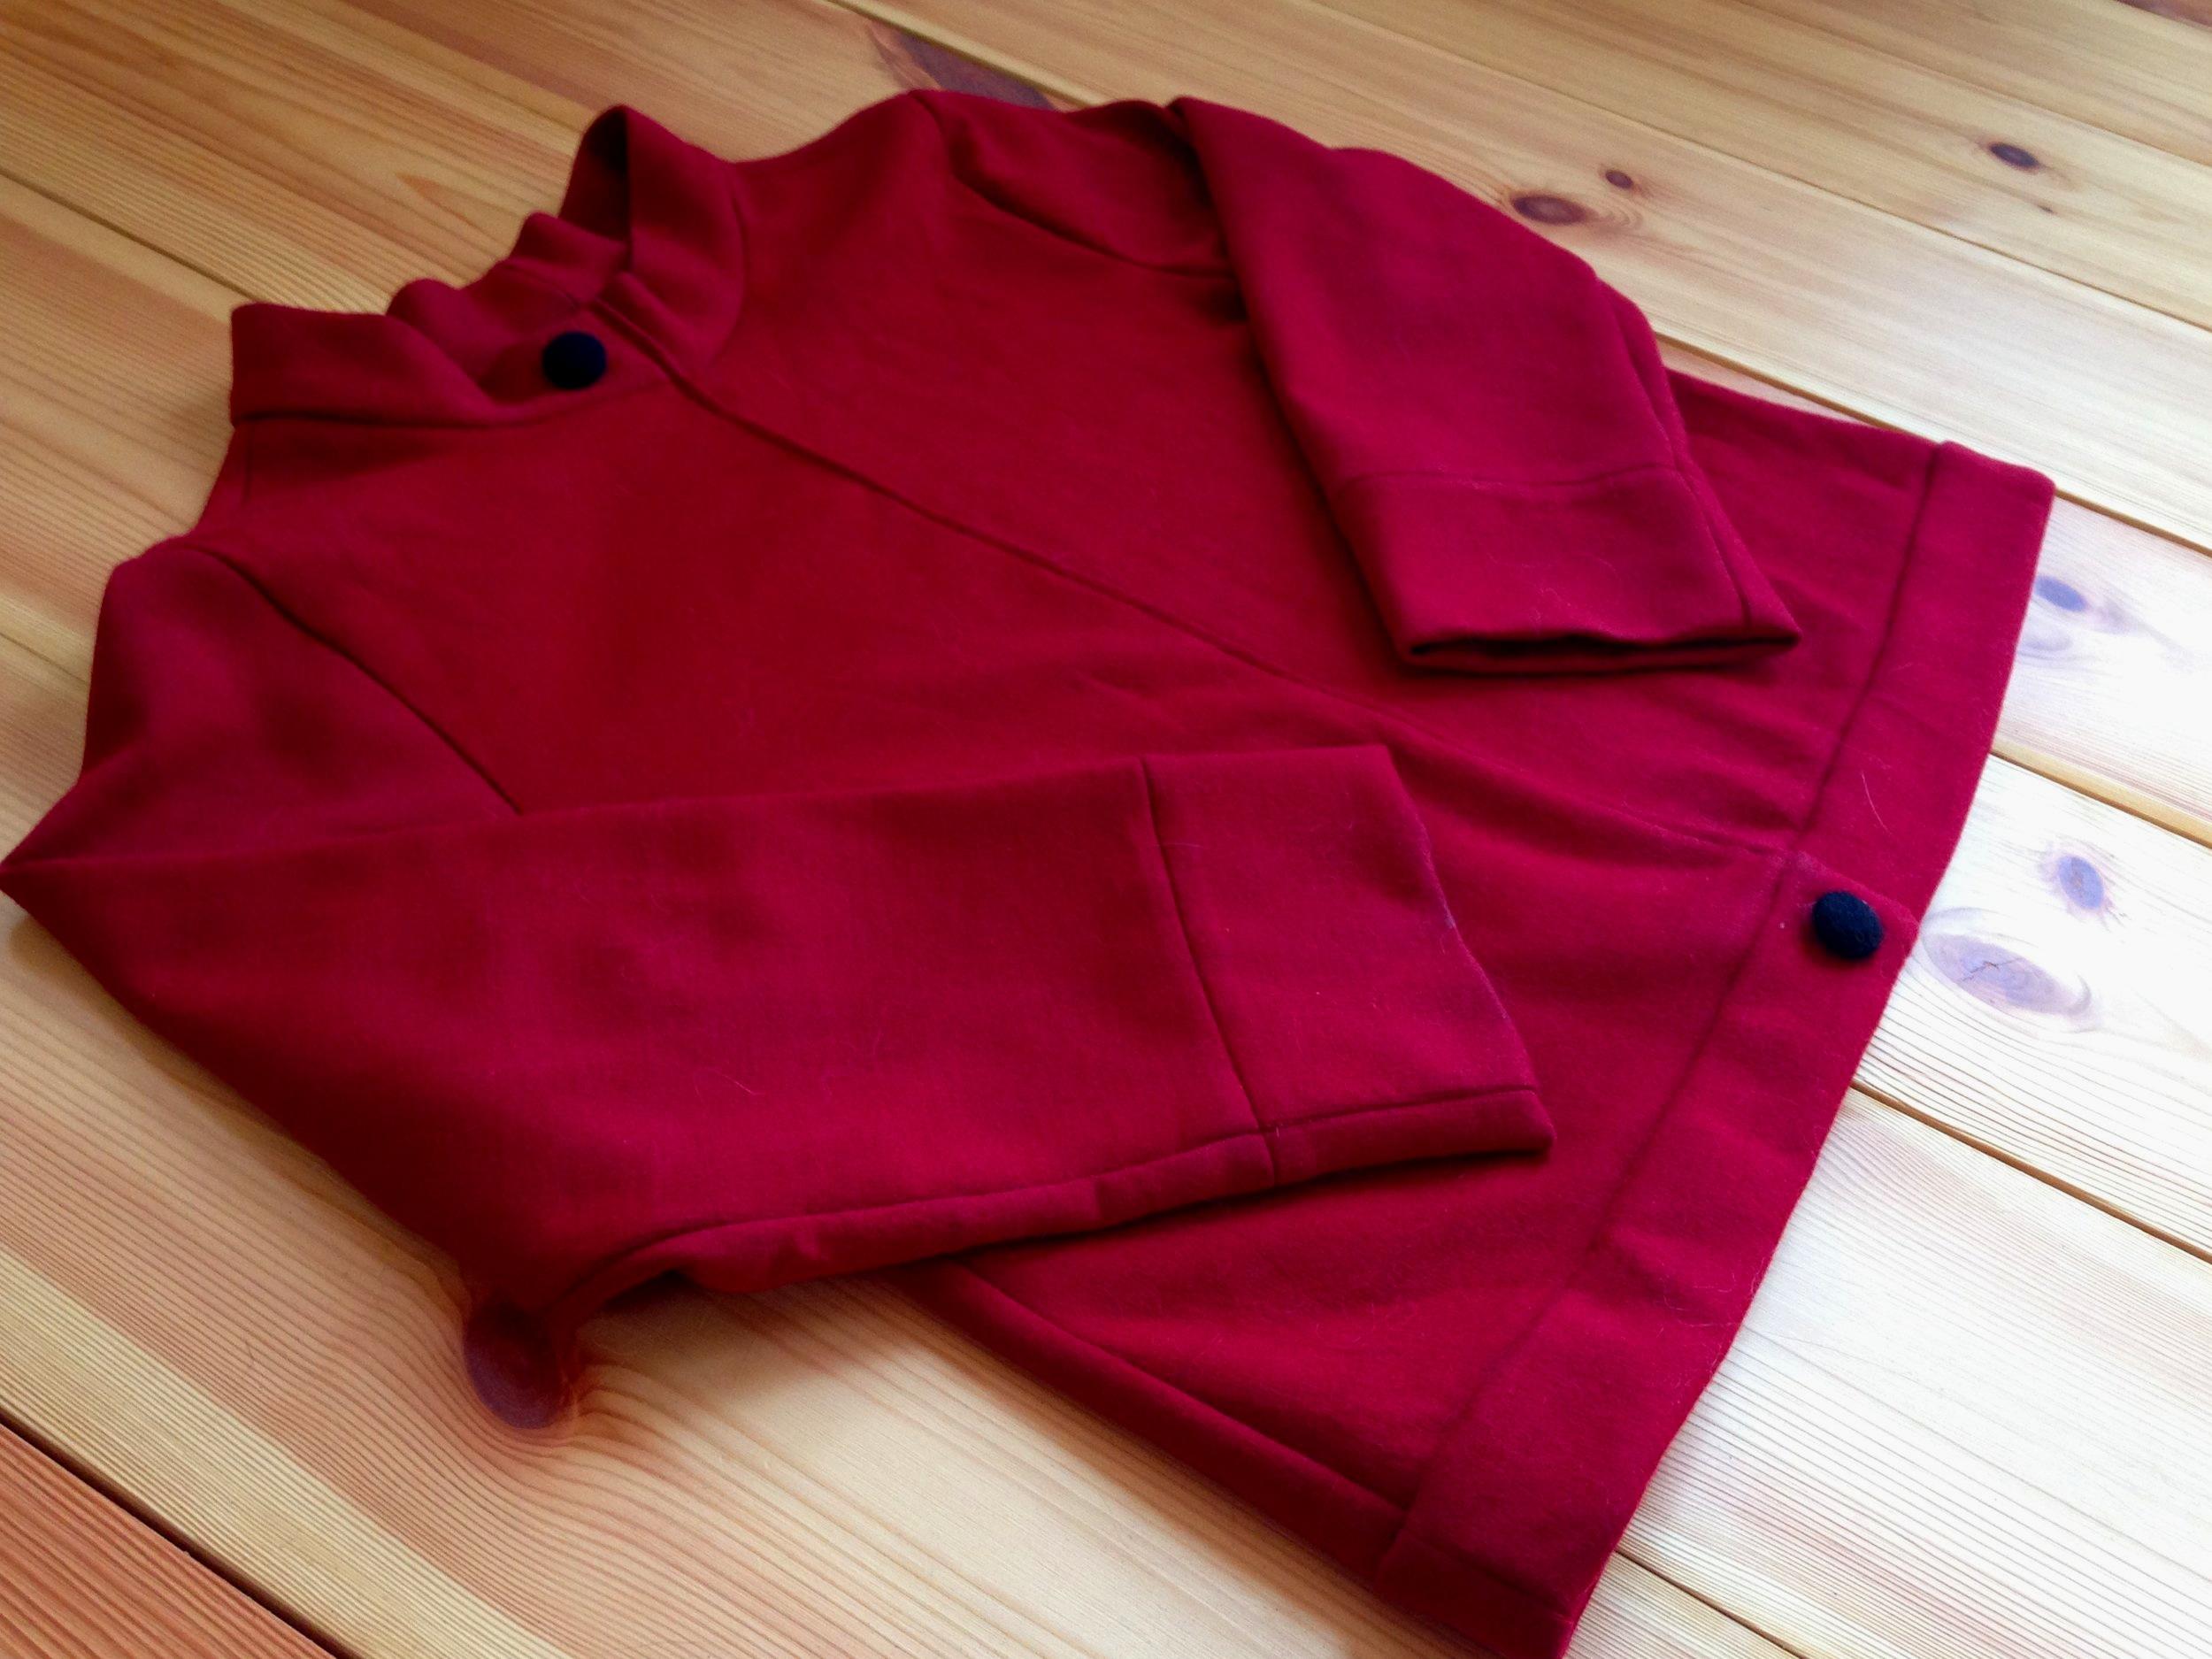 Roter Pullover am Boden liegend.jpg